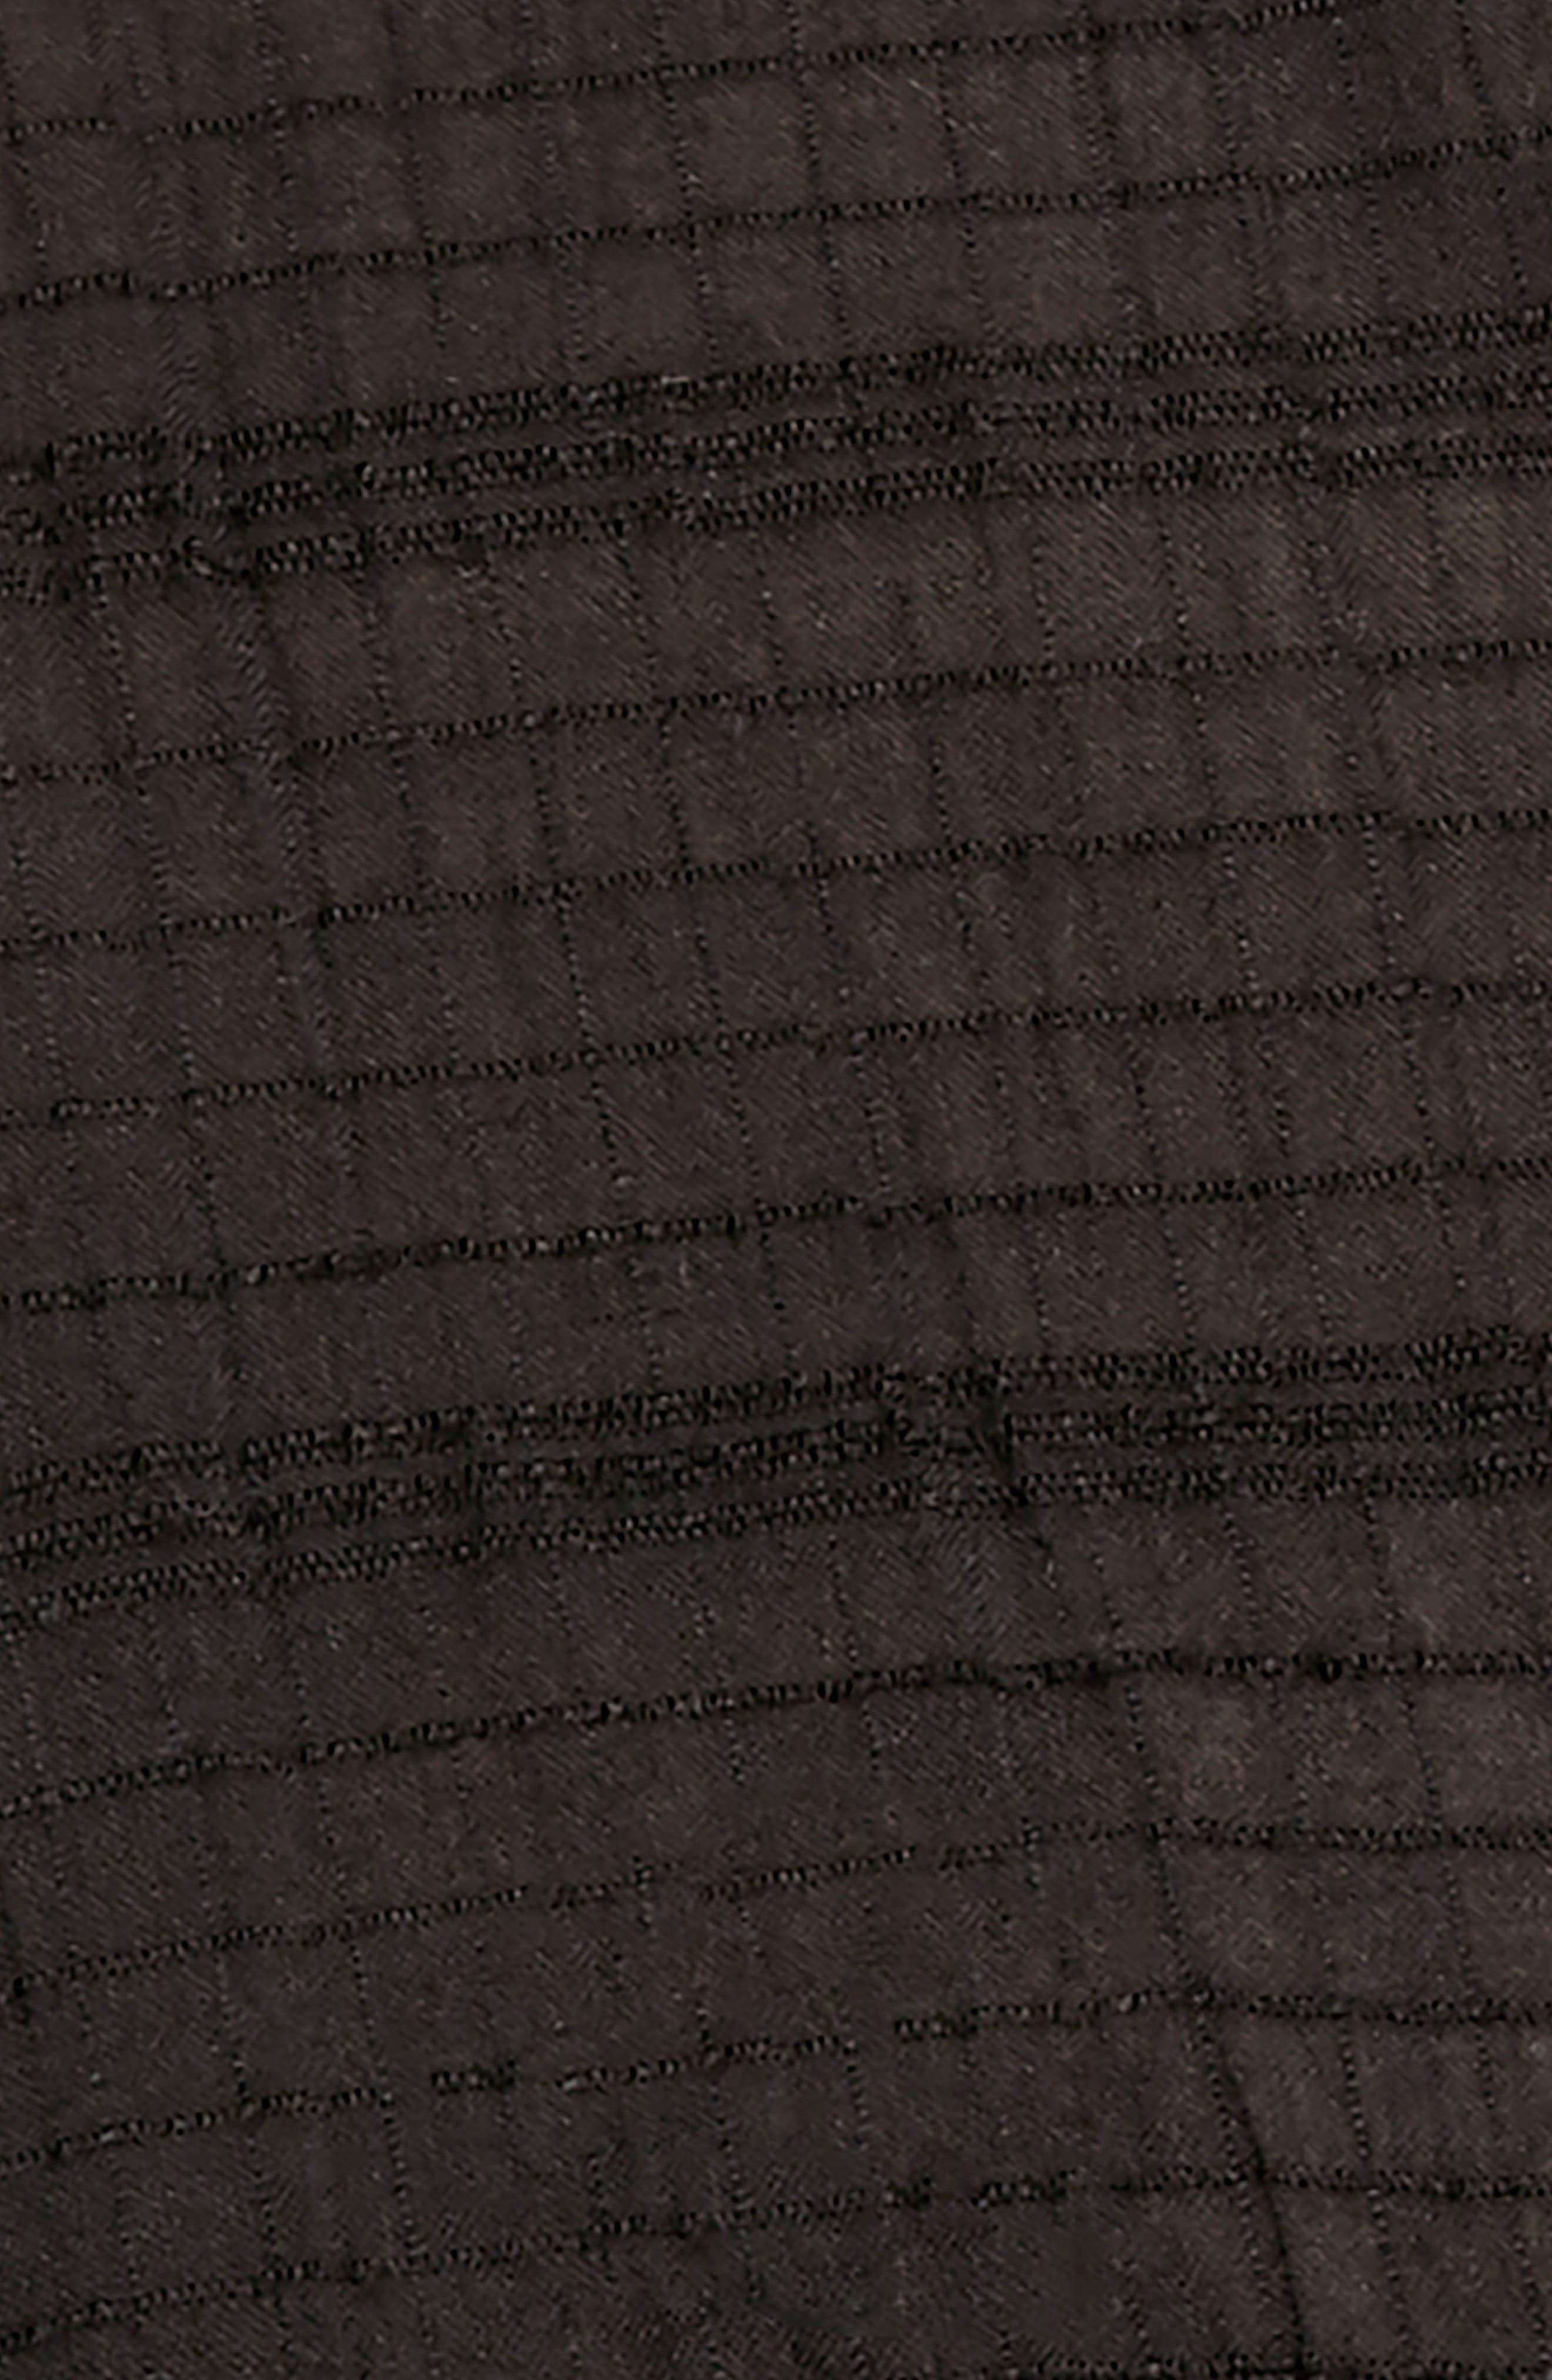 Beaumont Mews Blouse,                             Alternate thumbnail 4, color,                             BLACK